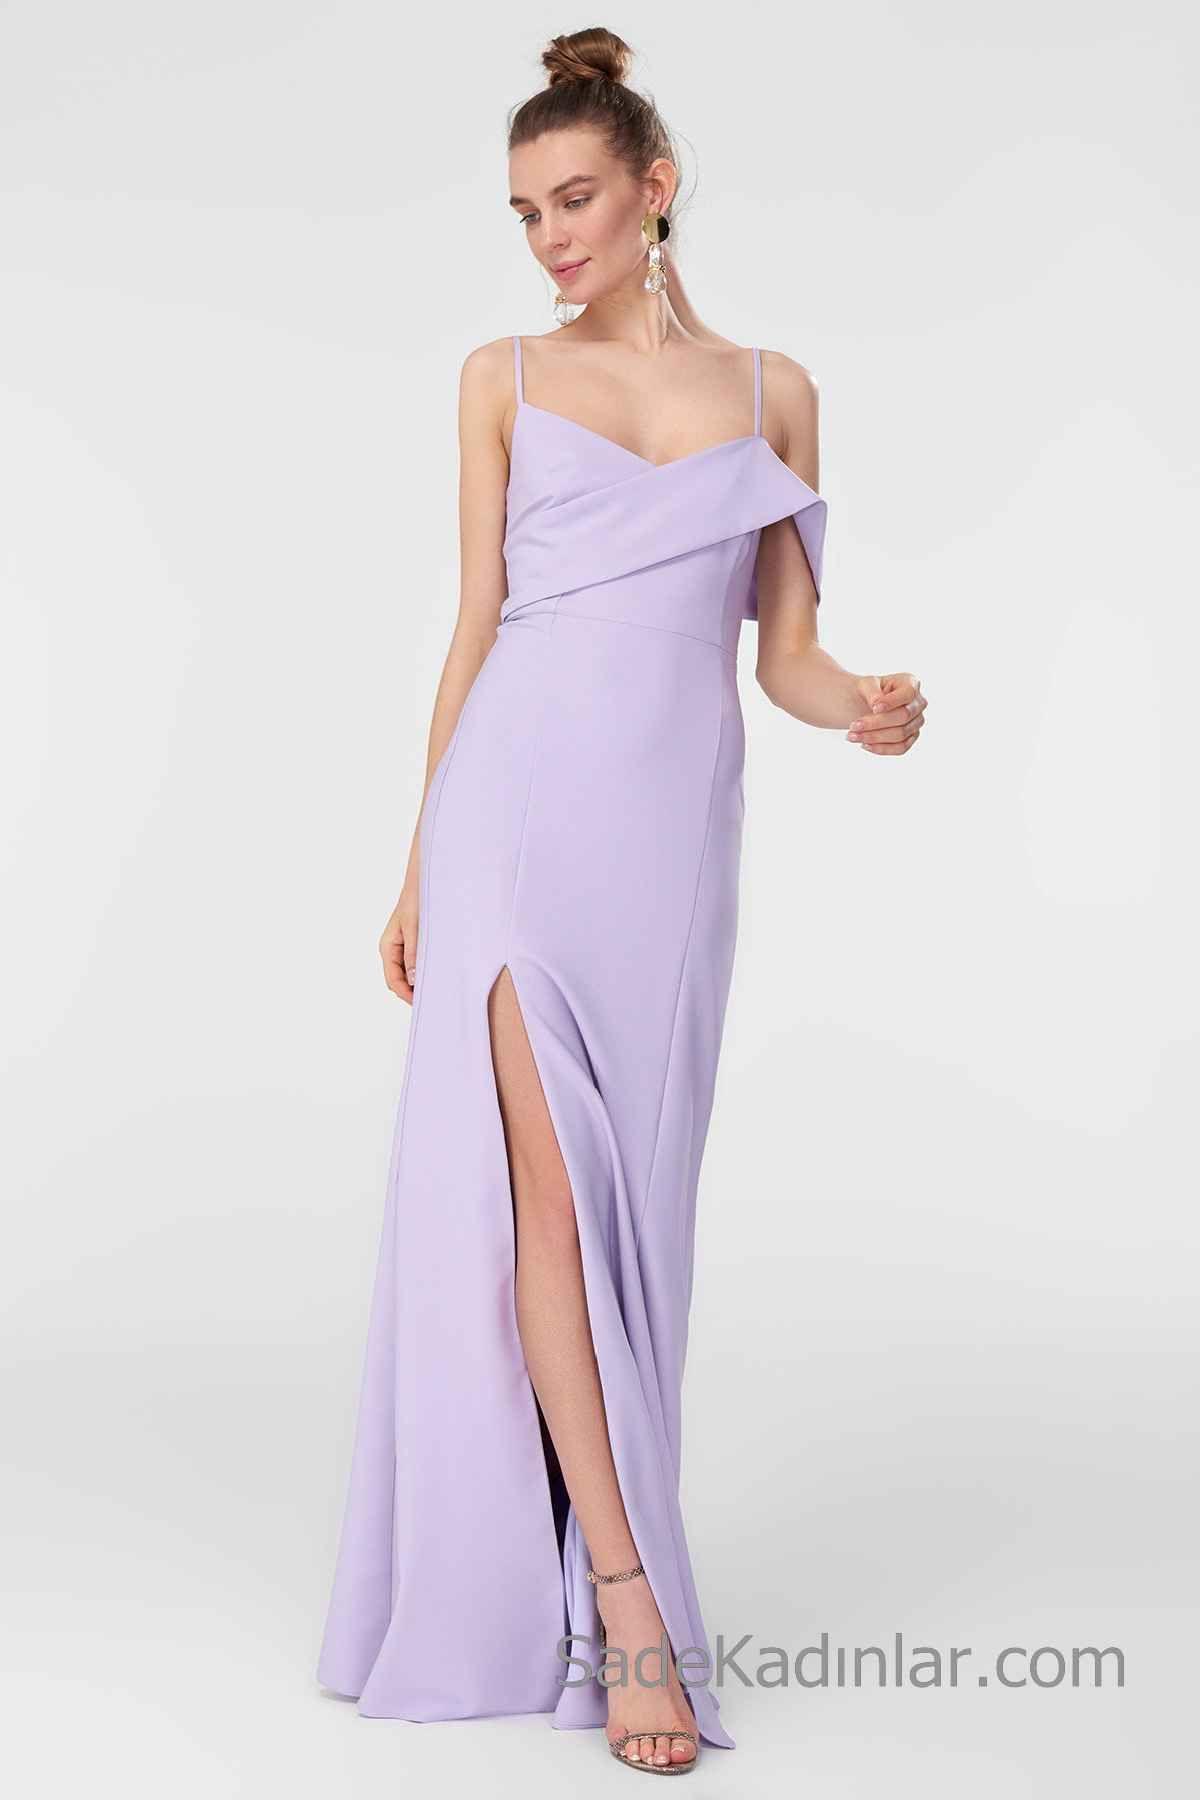 2020 Uzun Abiye Modelleri Lila Uzun Ip Askili Onden Yirtmacli The Dress Moda Stilleri Aksamustu Giysileri